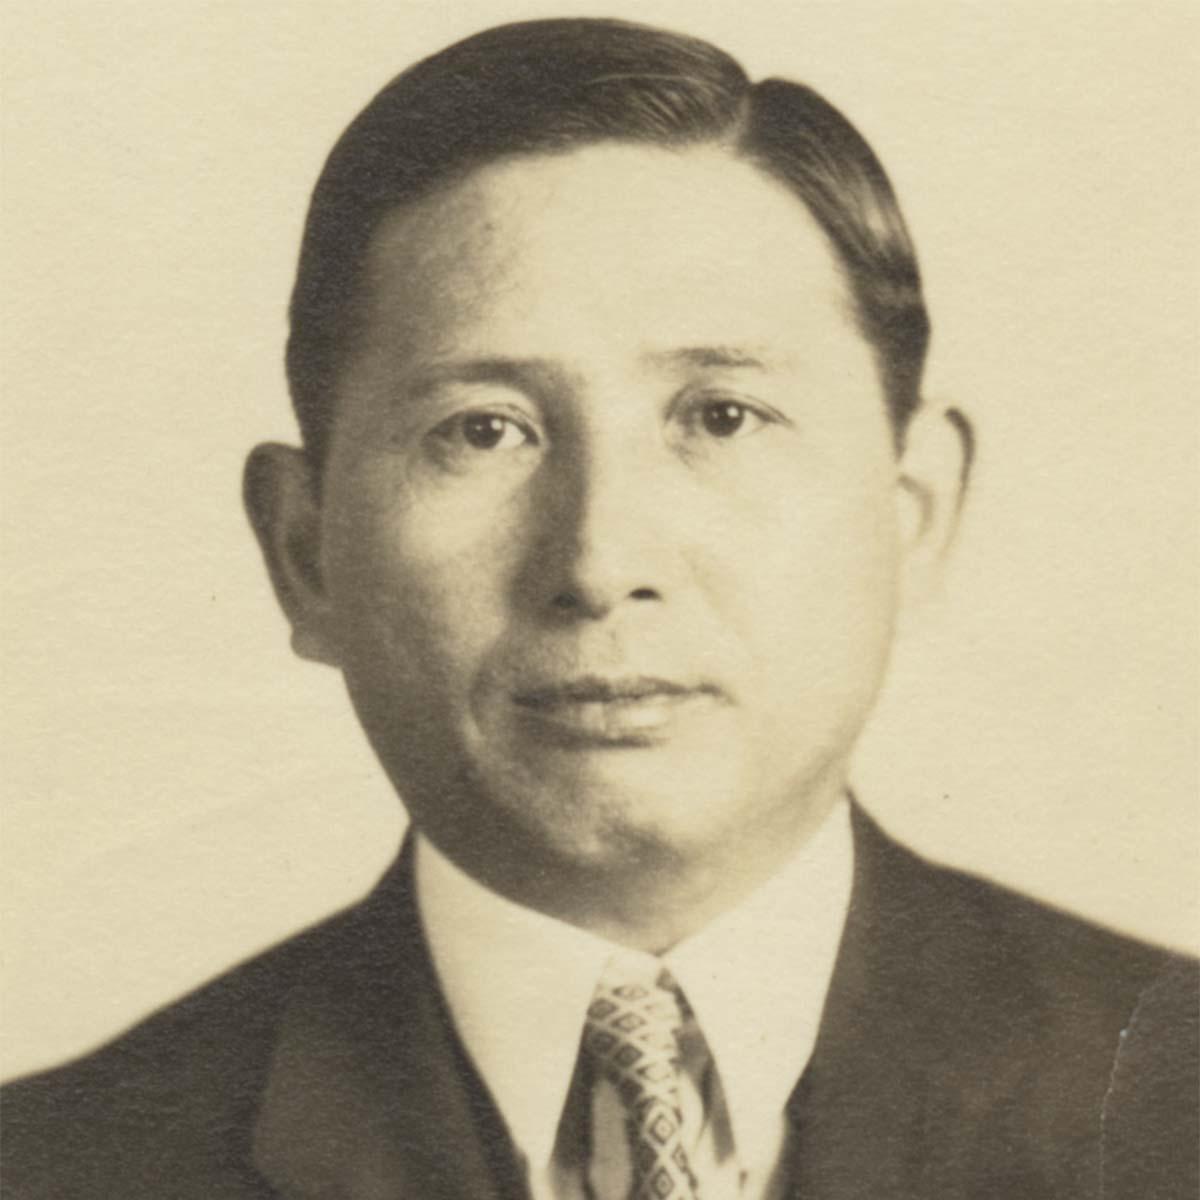 Gihachi Yamashita